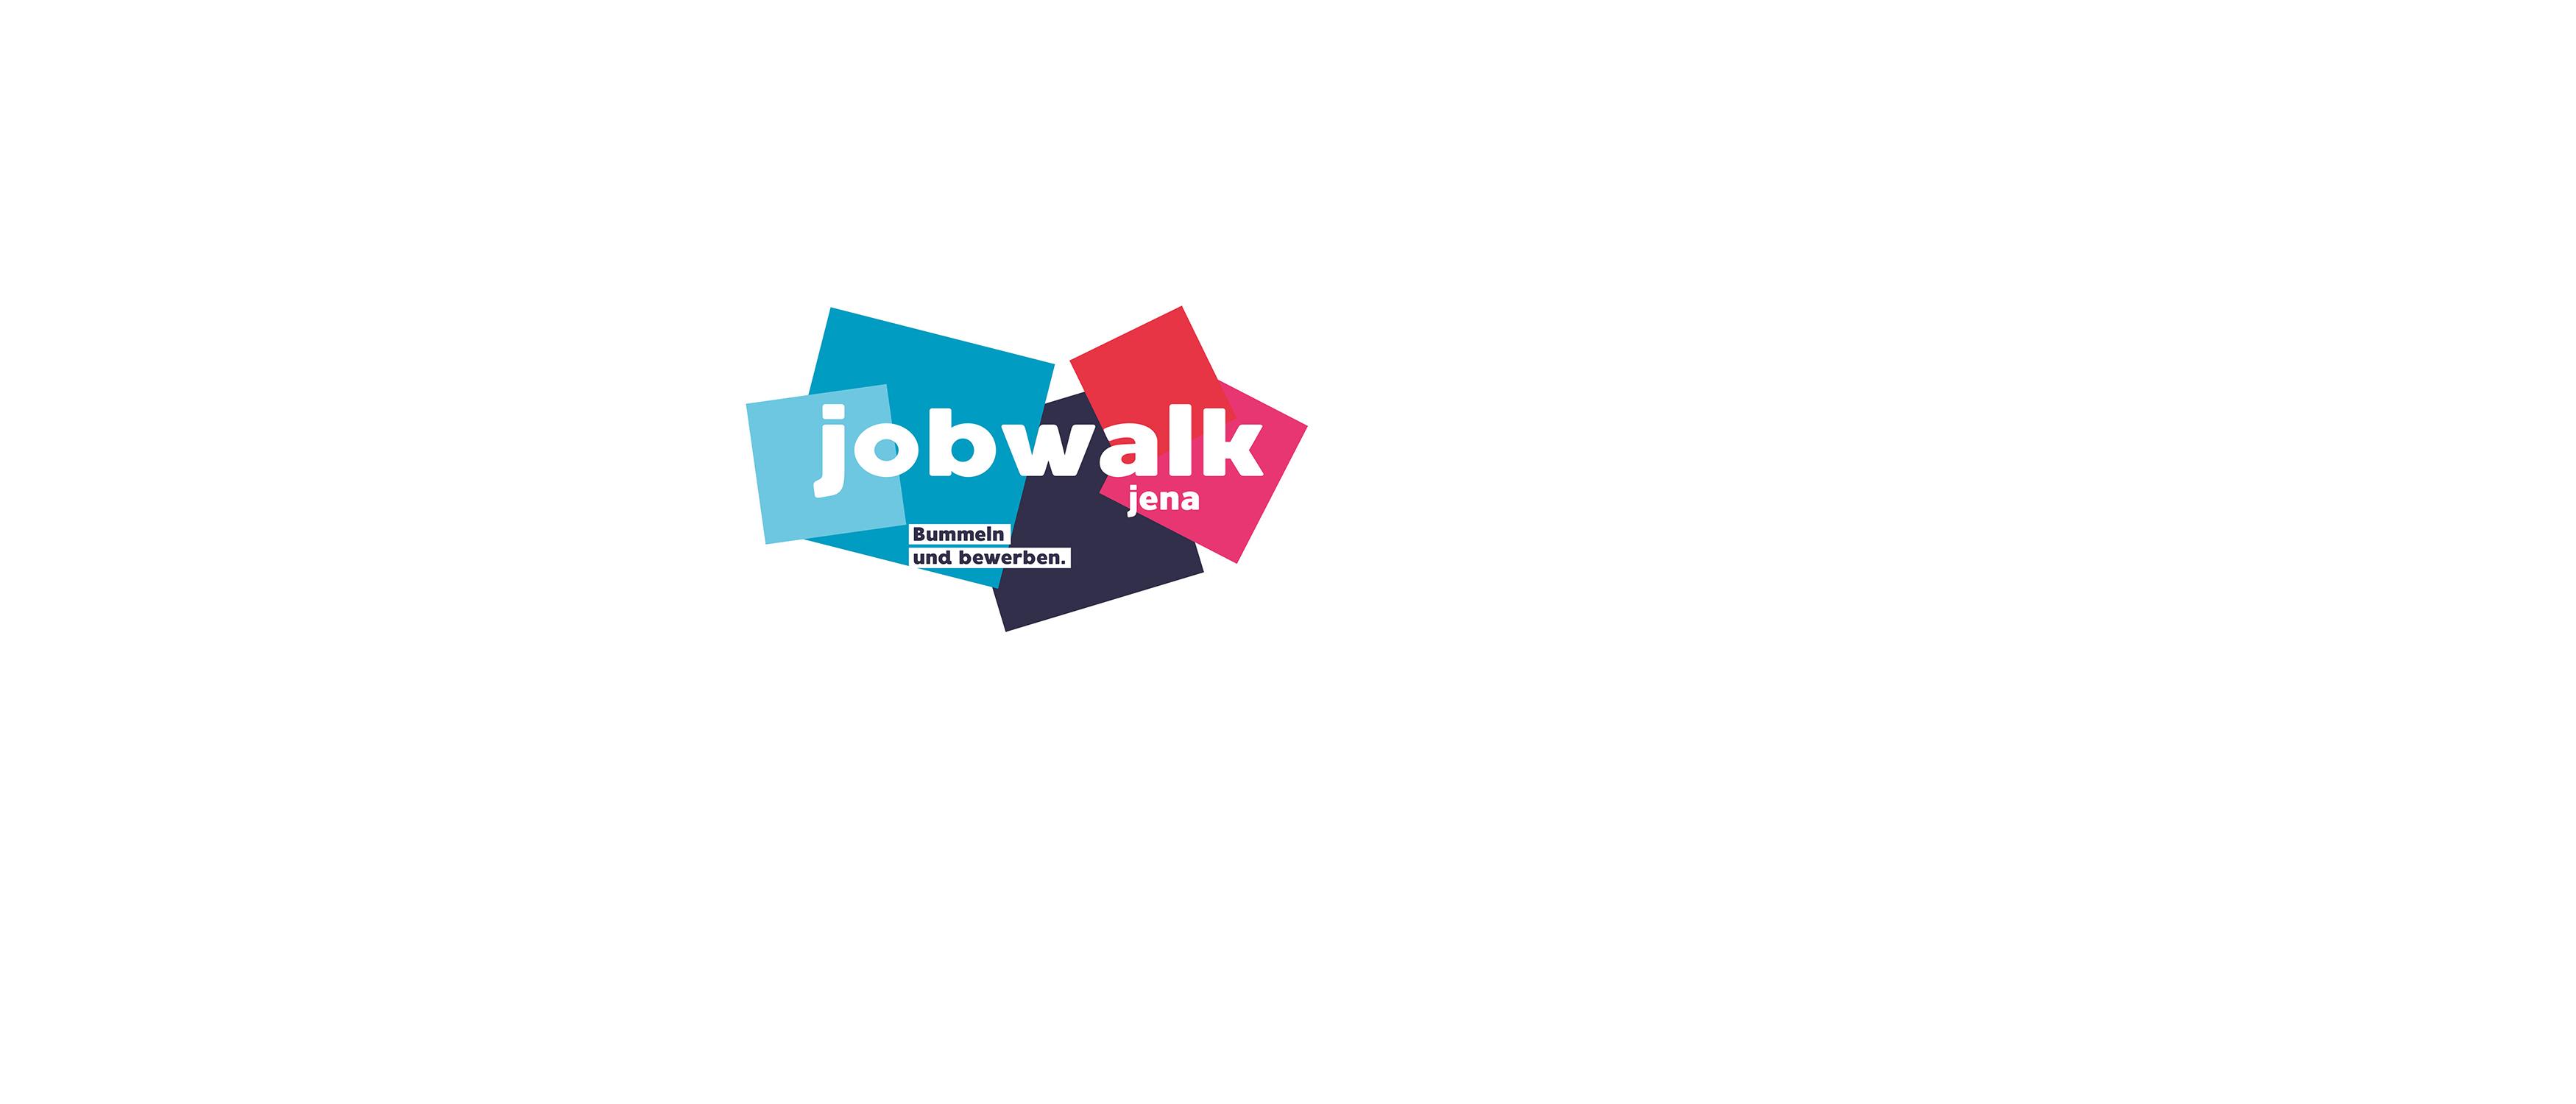 Der Jobwalk ist Deutschlands große Open-Air-Job- und Karrieremesse.